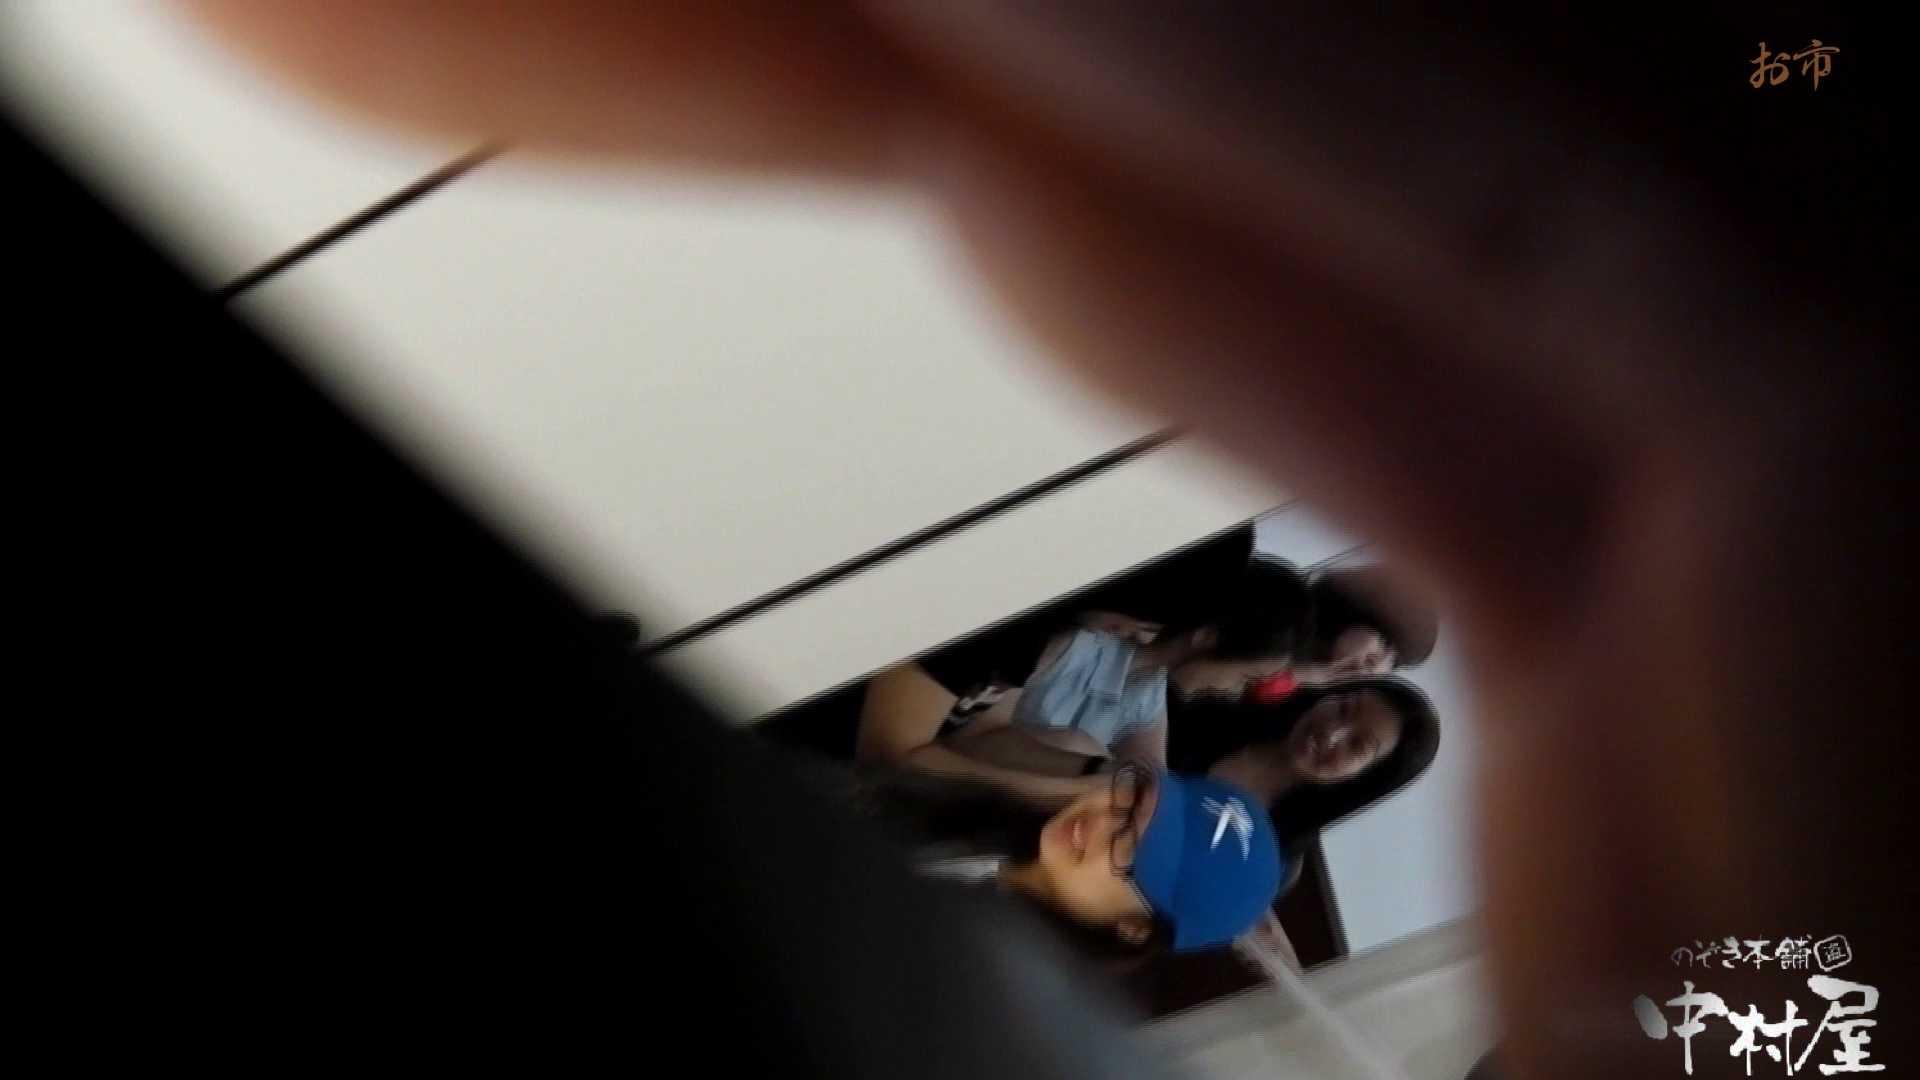 お市さんの「お尻丸出しジャンボリー」No.15 マンコエロすぎ オメコ無修正動画無料 107PIX 69